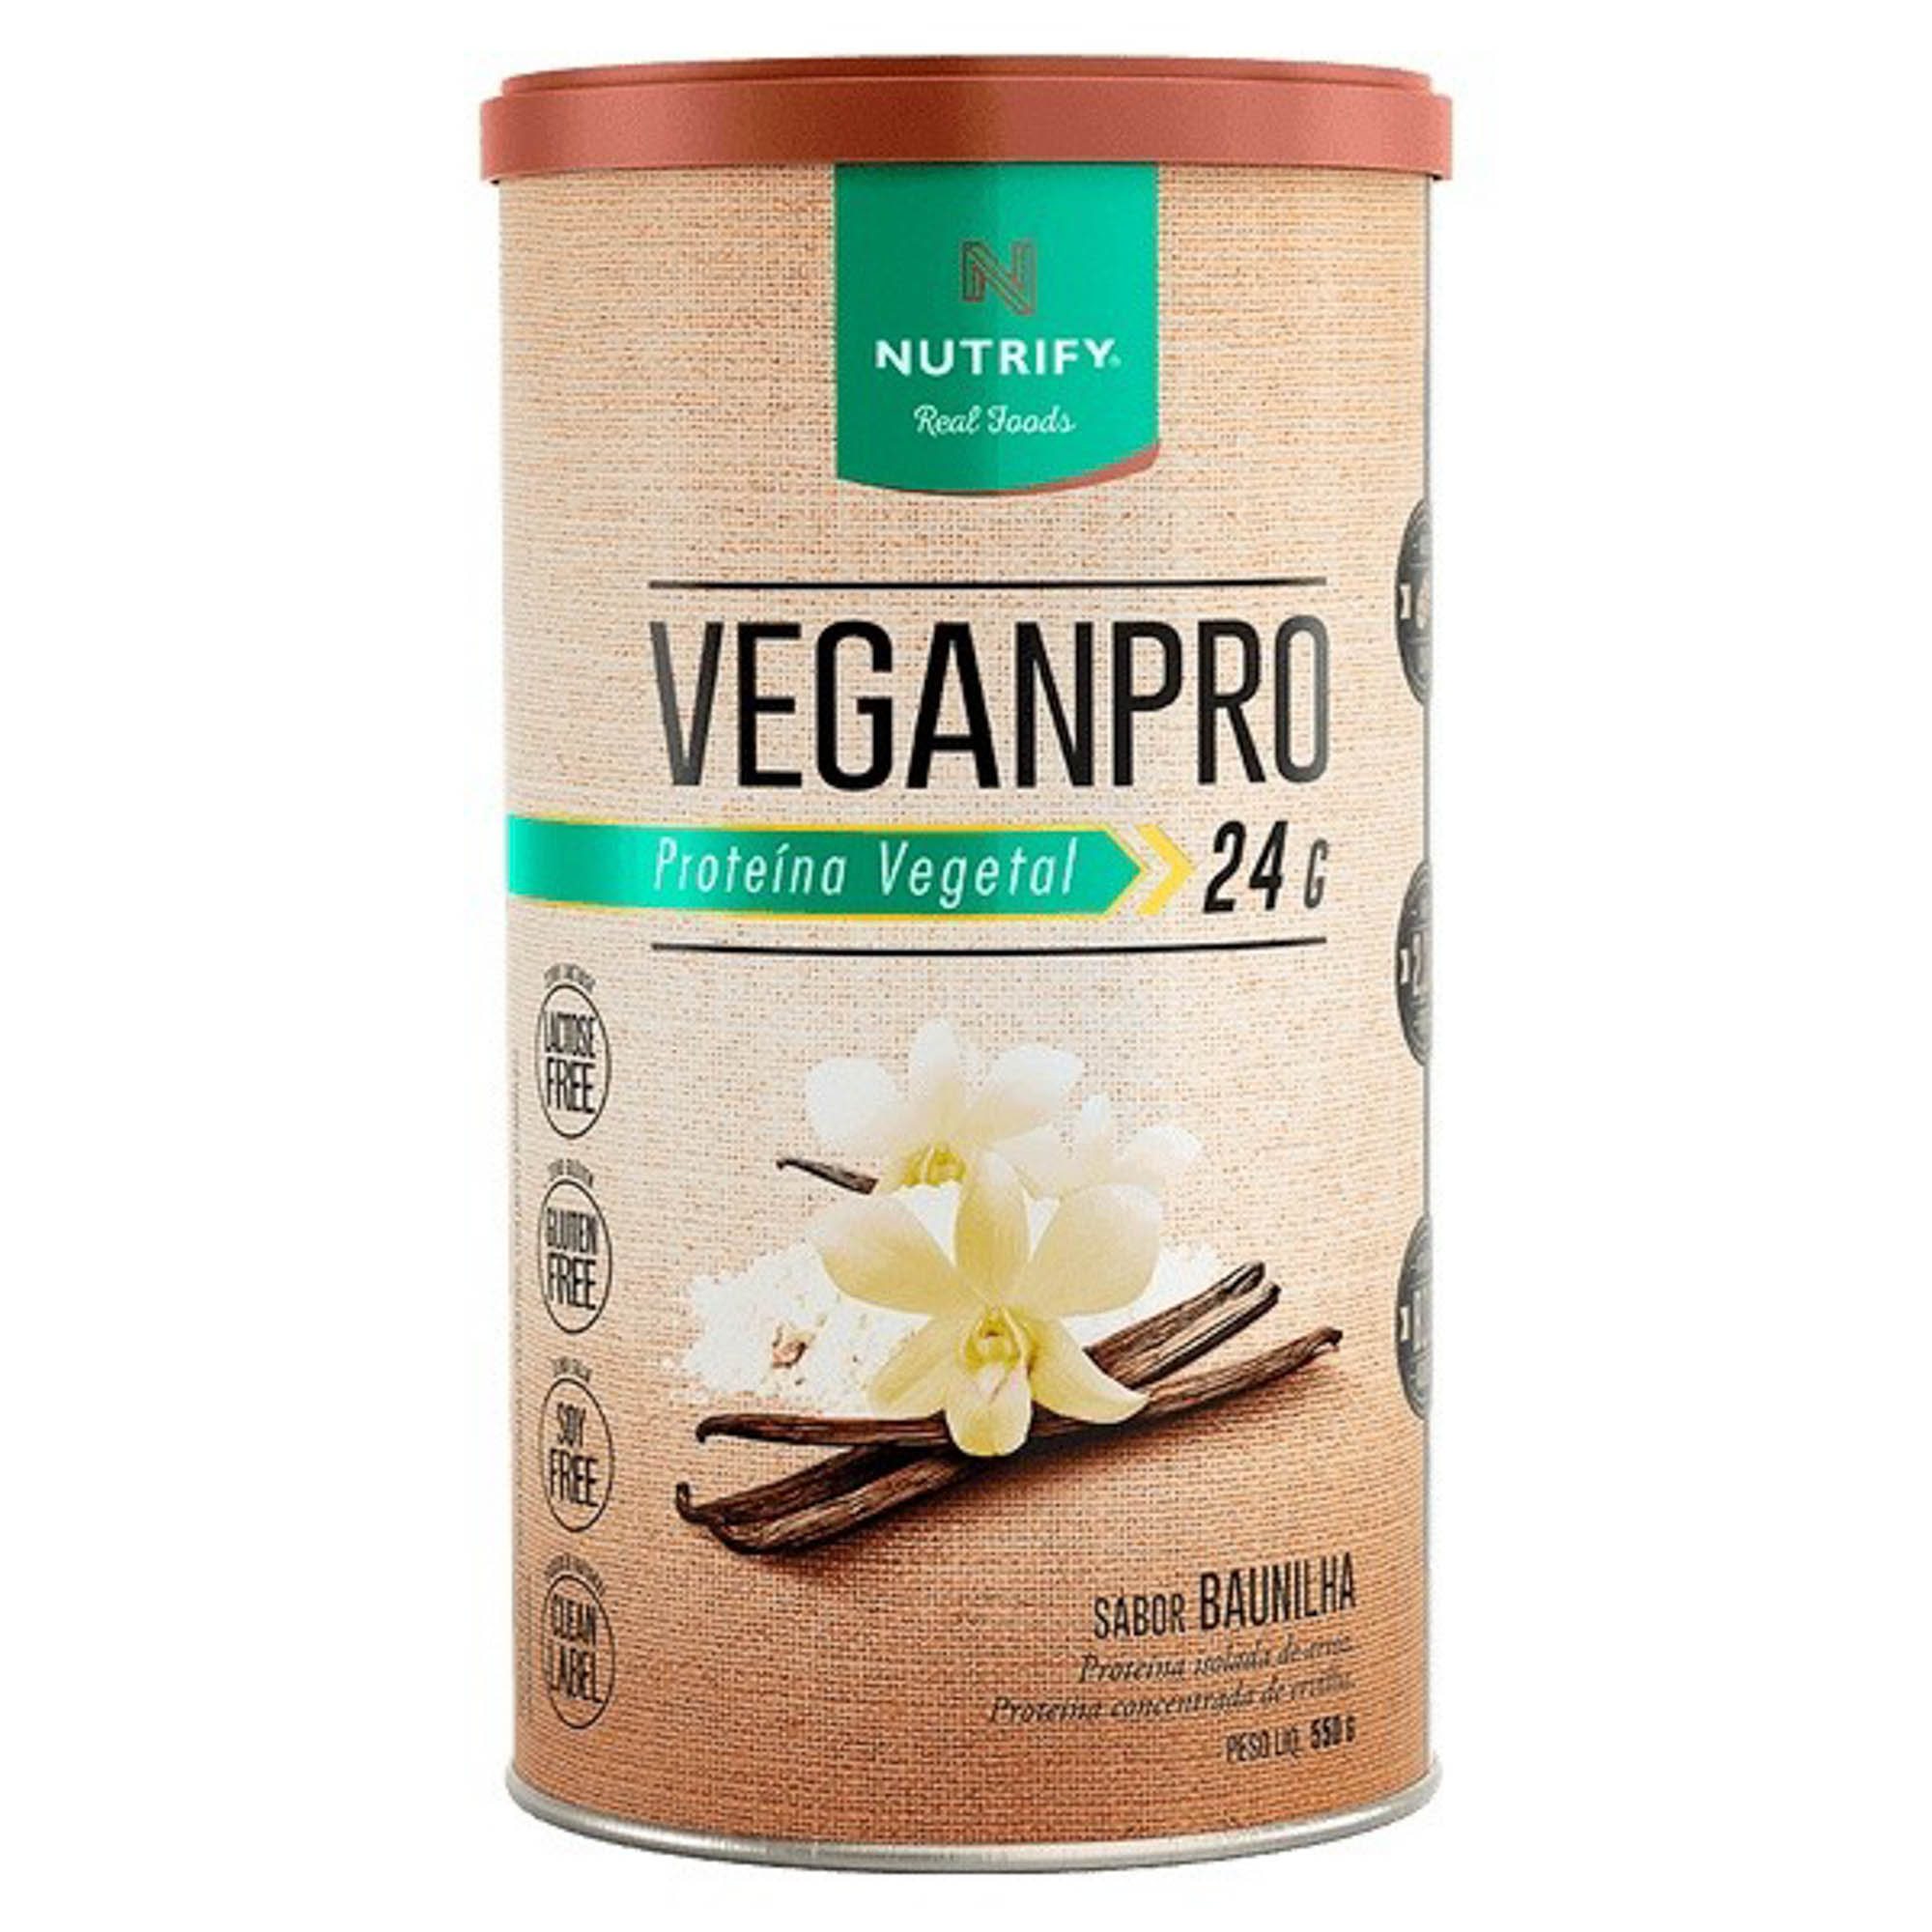 VeganPro - Nutrify